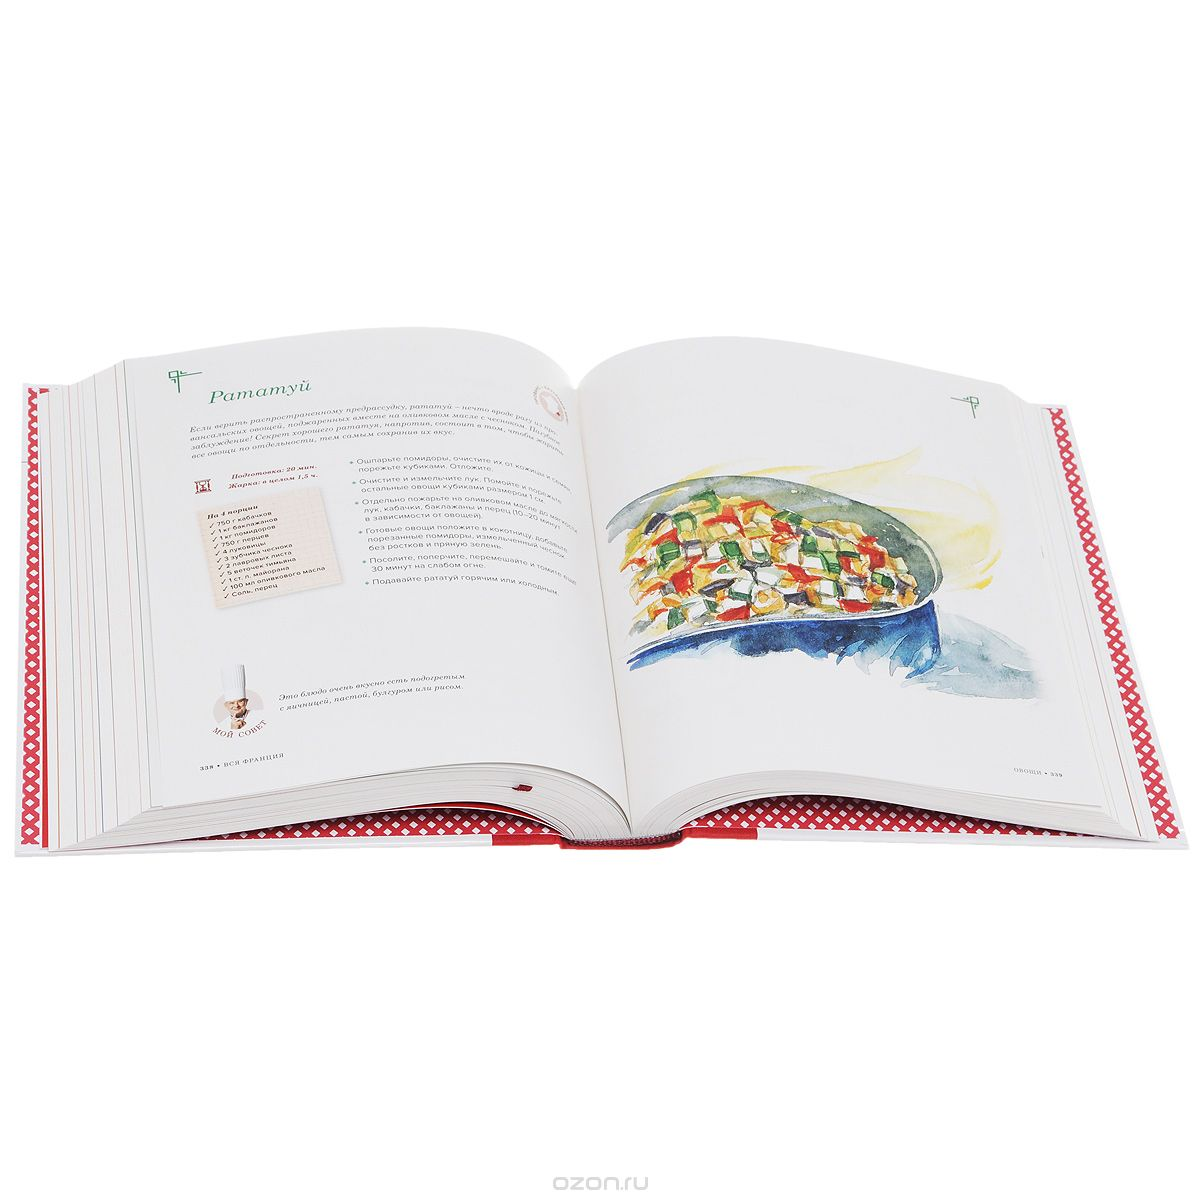 Книга «Вся Франция: 365 рецептов из всех провинций» Books Books PB5 фото 2